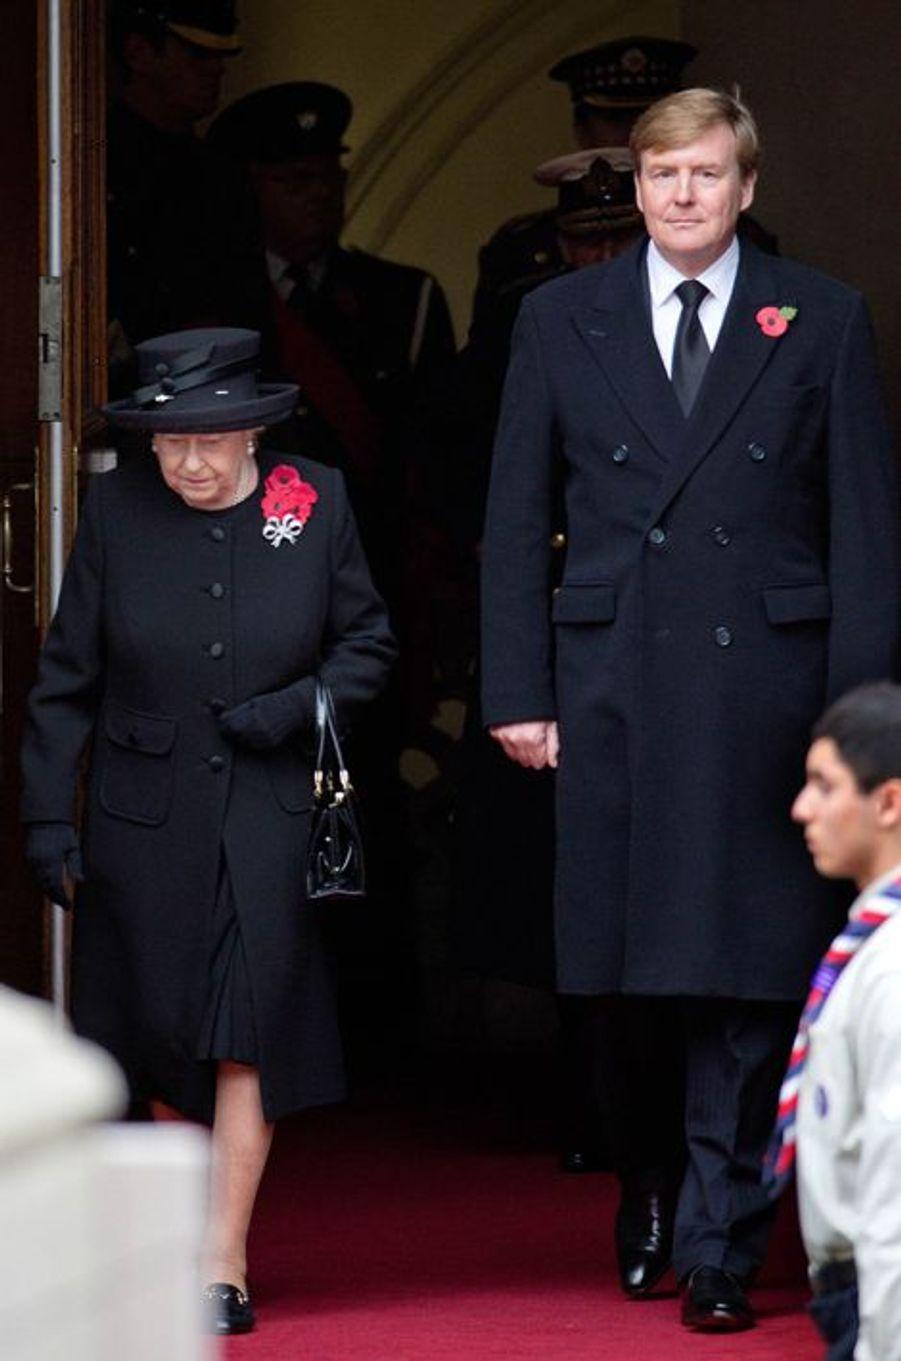 La reine Elizabeth II et le roi Willem-Alexander des Pays-Bas à Londres, le 8 novembre 2015